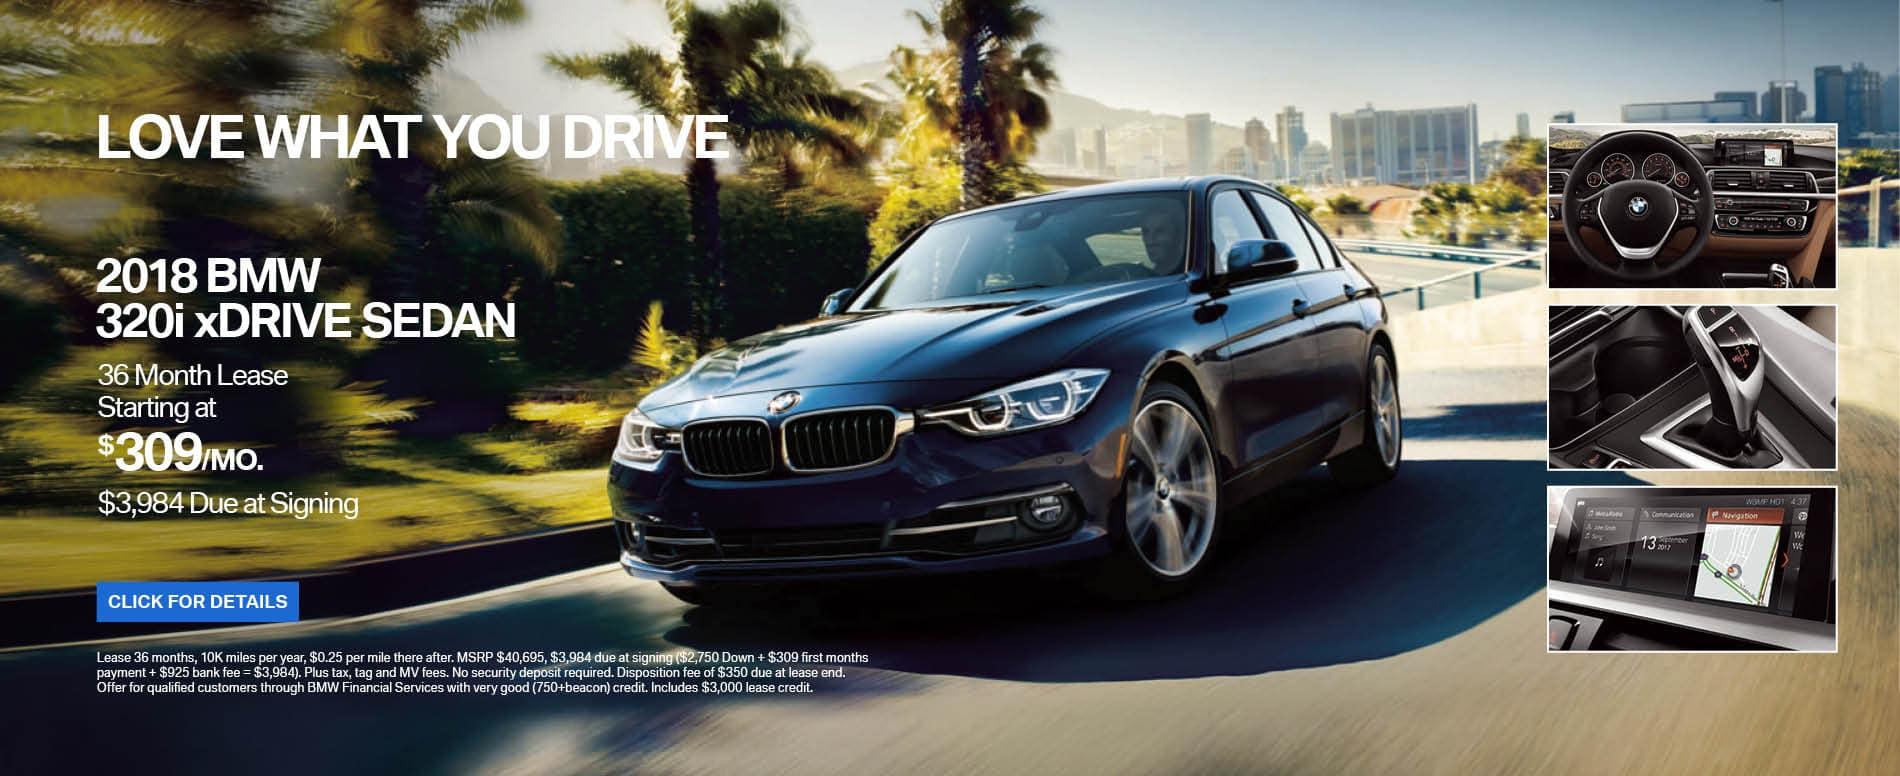 BMW Bayside Service >> BMW of Bayside | BMW Dealer in Douglaston, NY